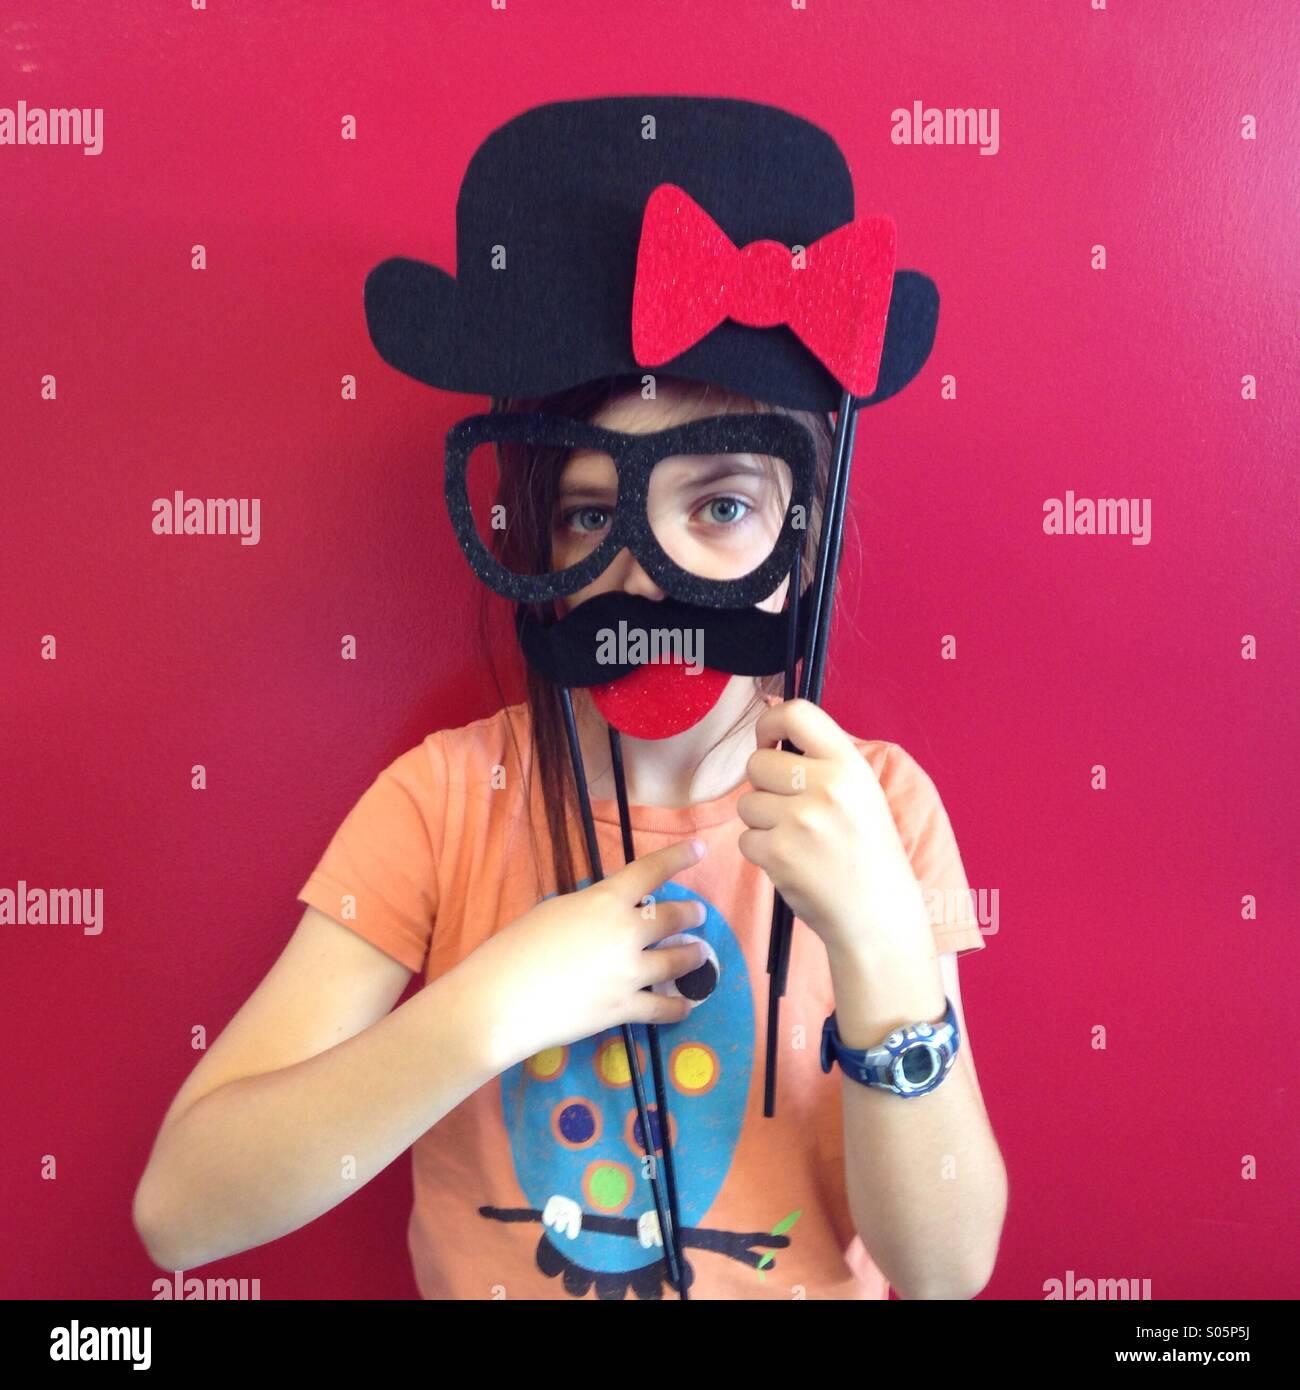 Silly kid porte des lunettes et une fausse moustache contre un mur rouge. Photo Stock